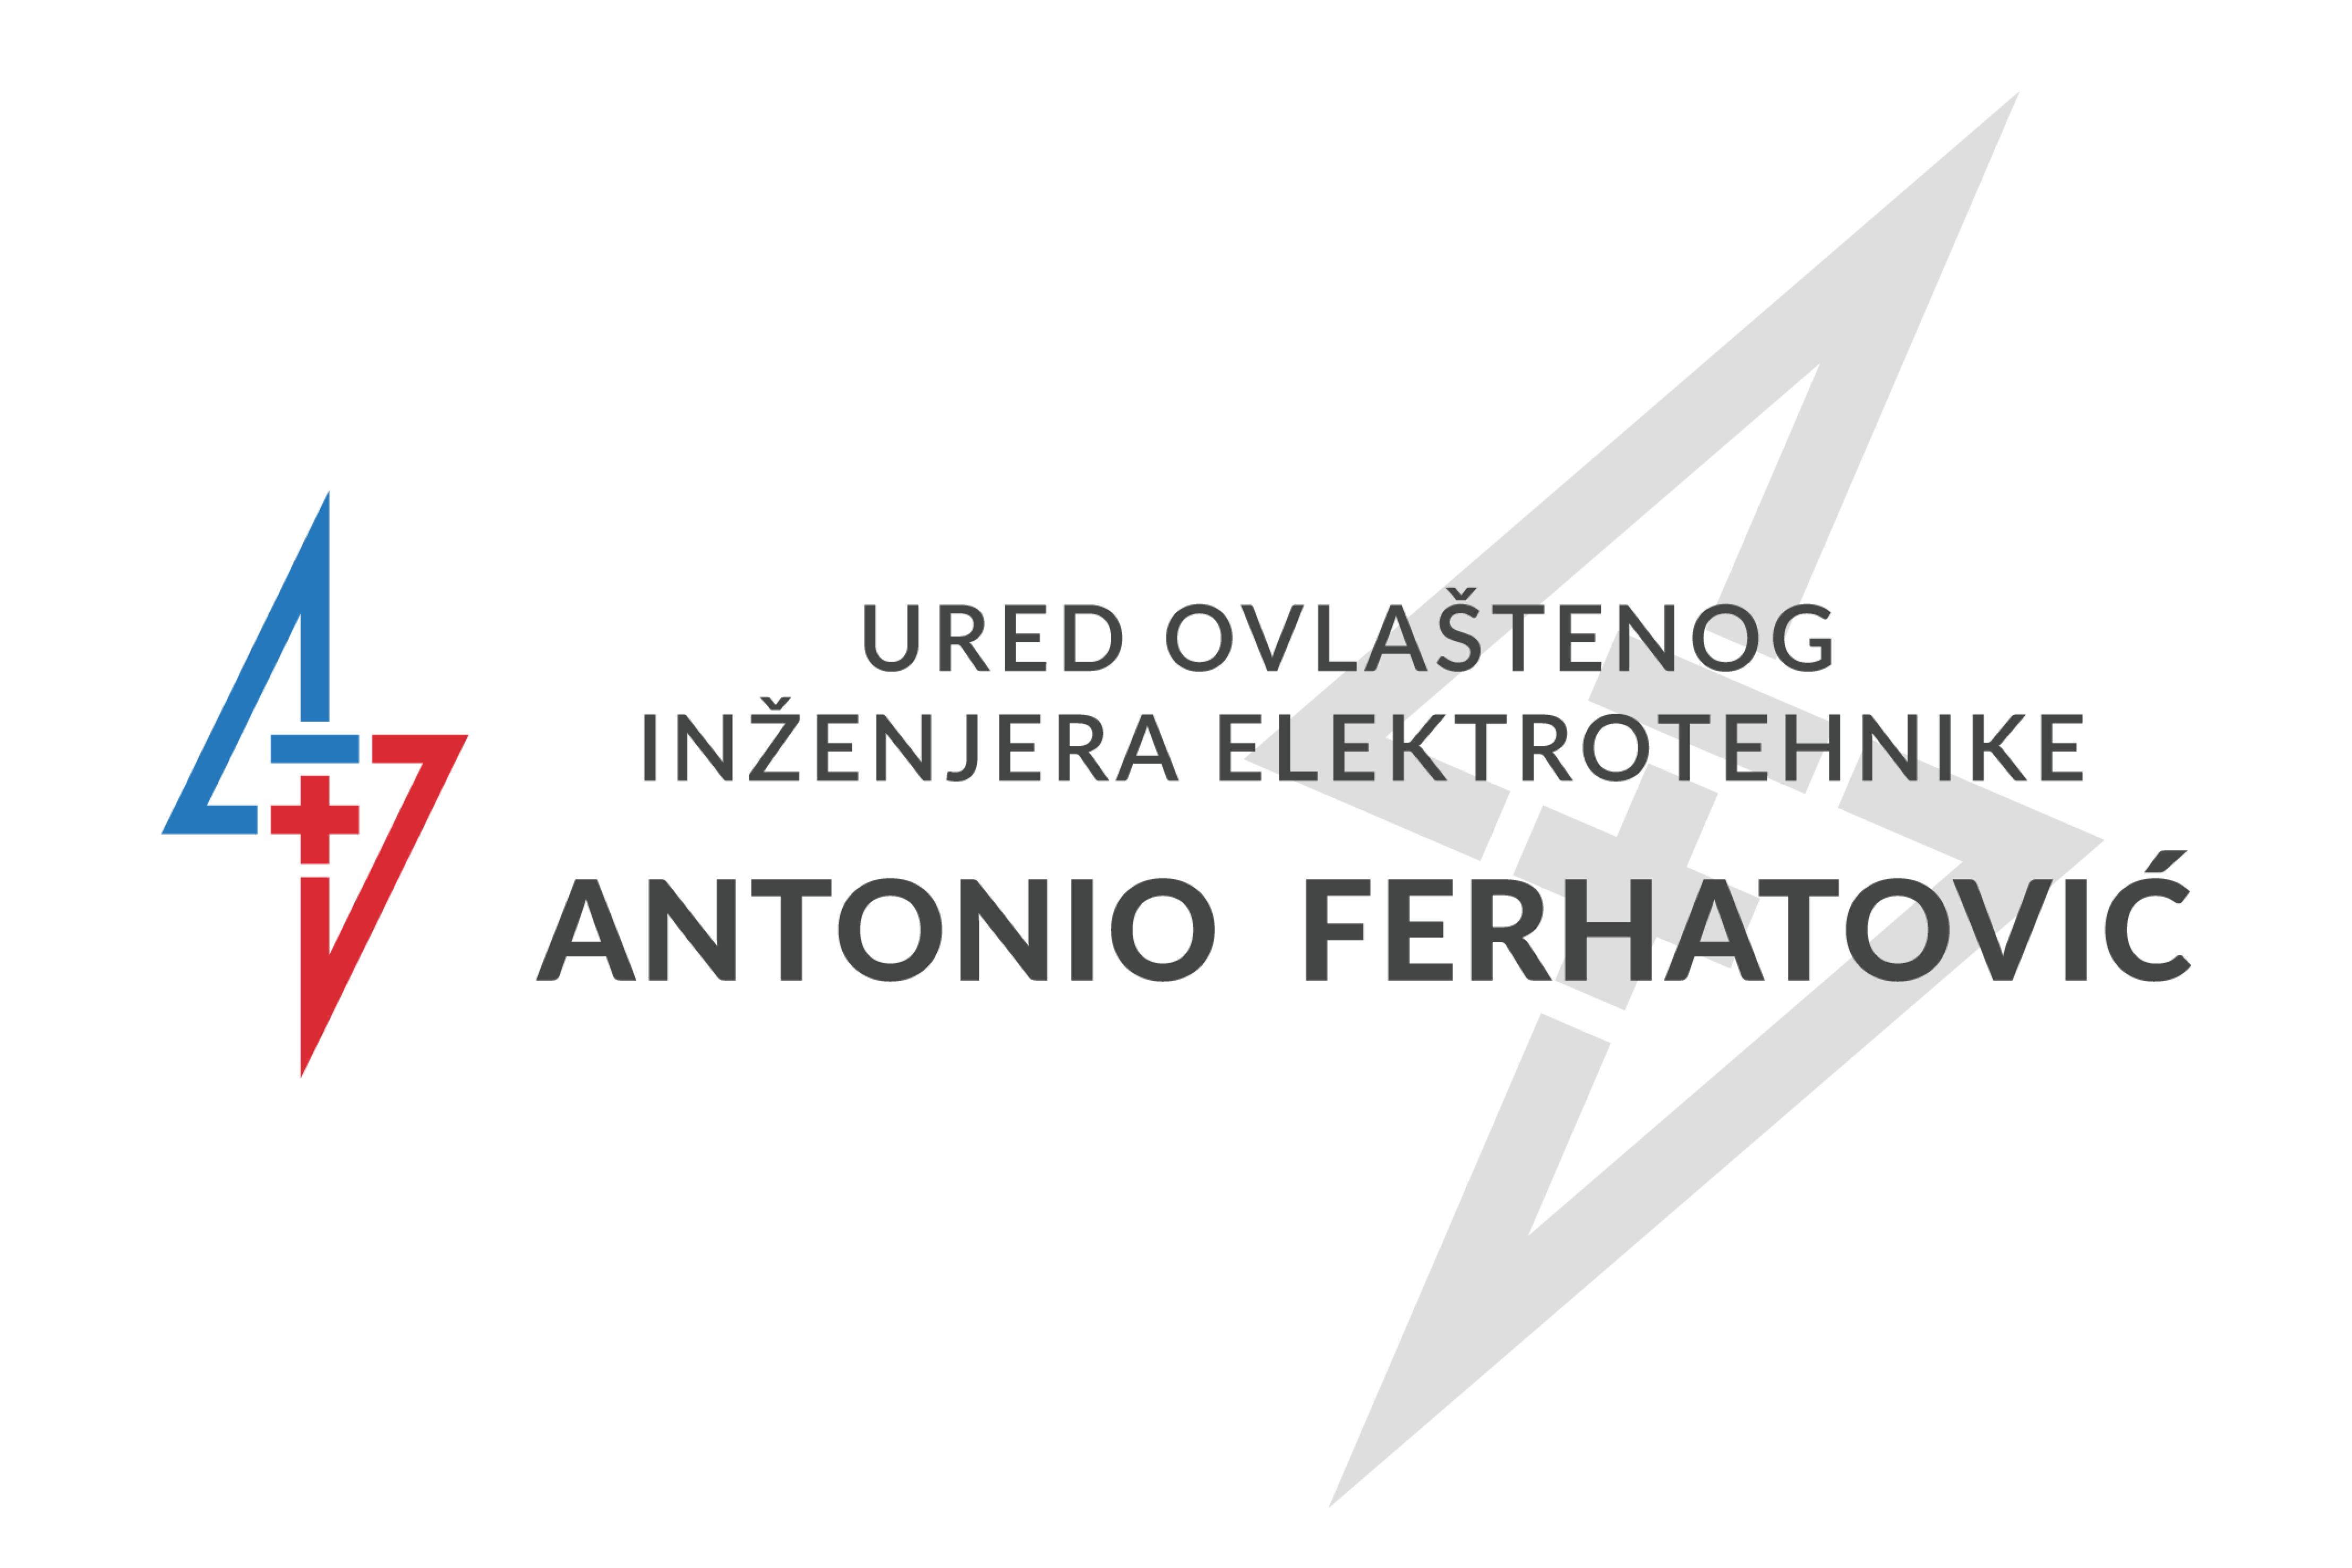 Logo: Ured ovlaštenog inženjera elektrotehnike Antonio Ferhatović